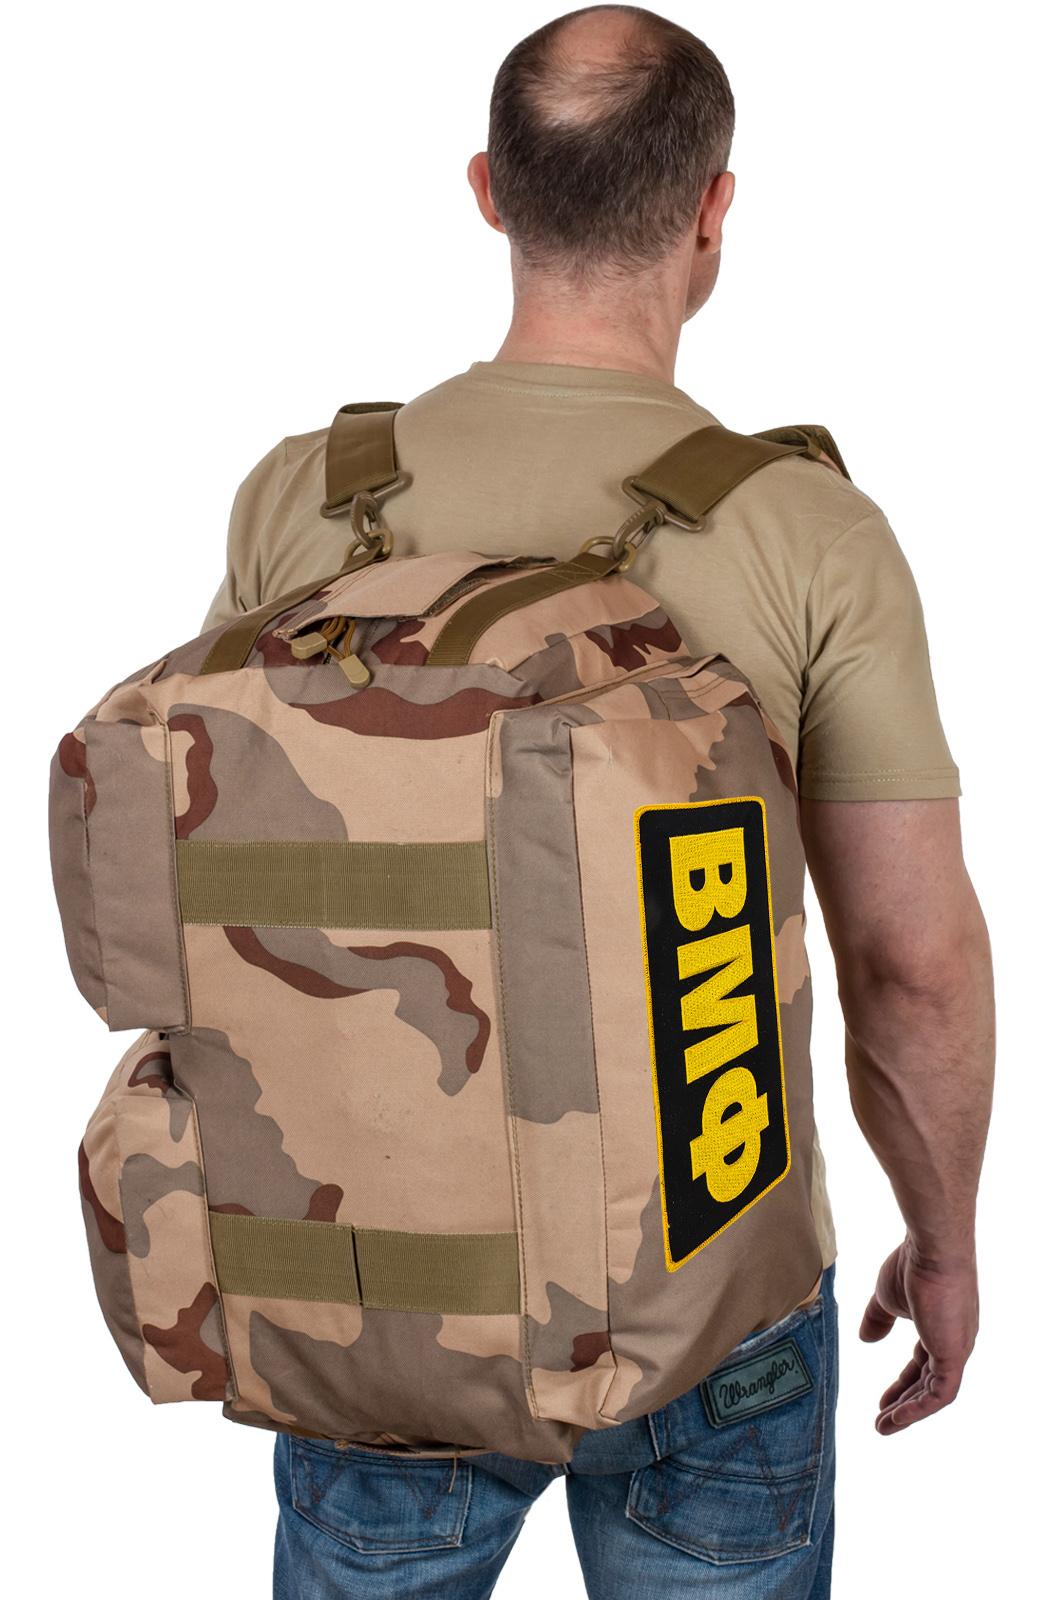 Купить дорожную камуфляжную сумку с нашивкой ВМФ оптом или в розницу